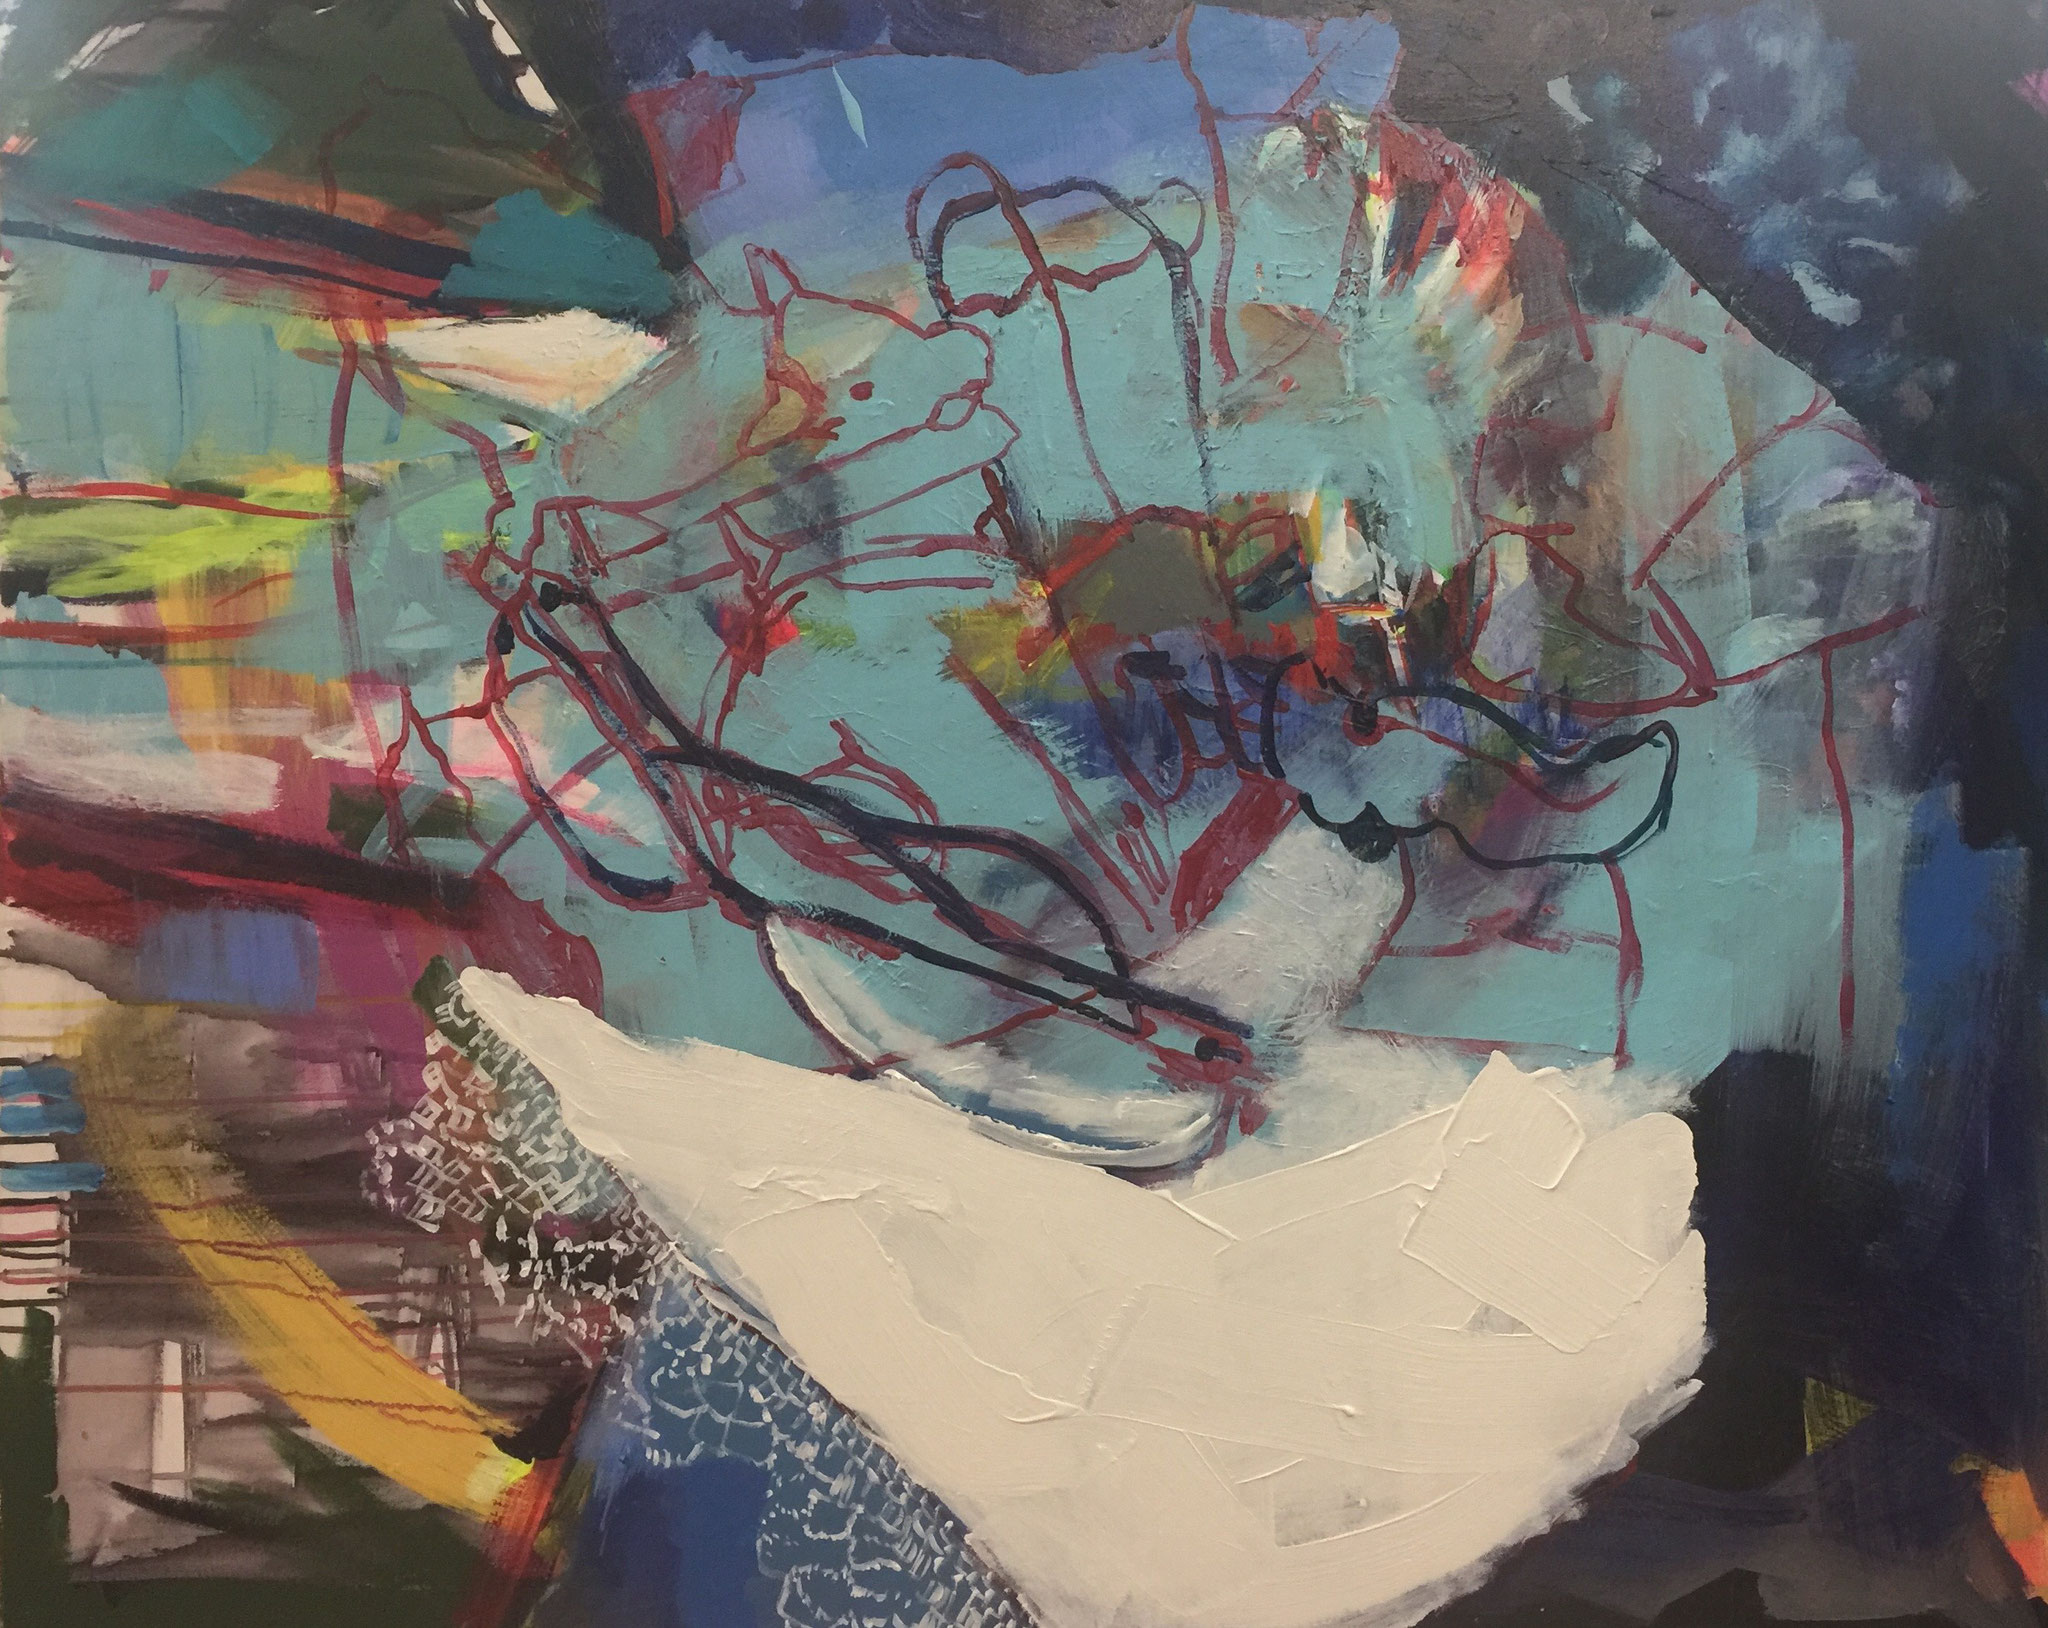 Stillleben mit Kuh 5, 100x120,  acrylic on canvas